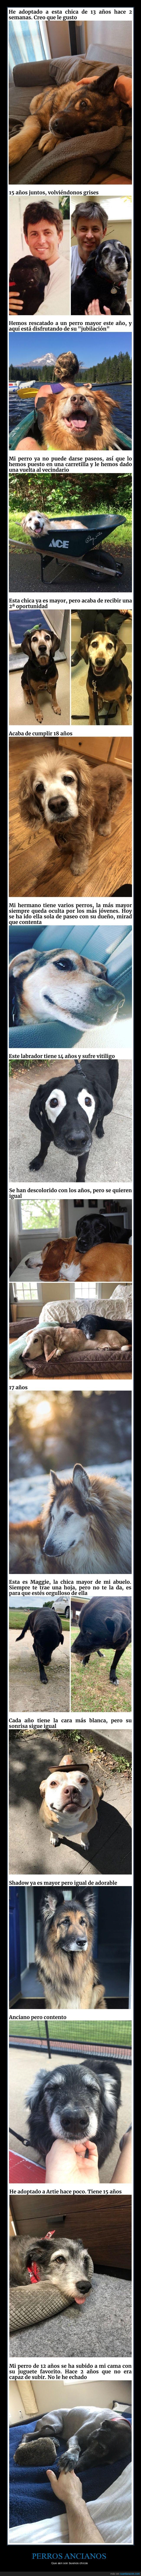 ancianos,perros,viejos